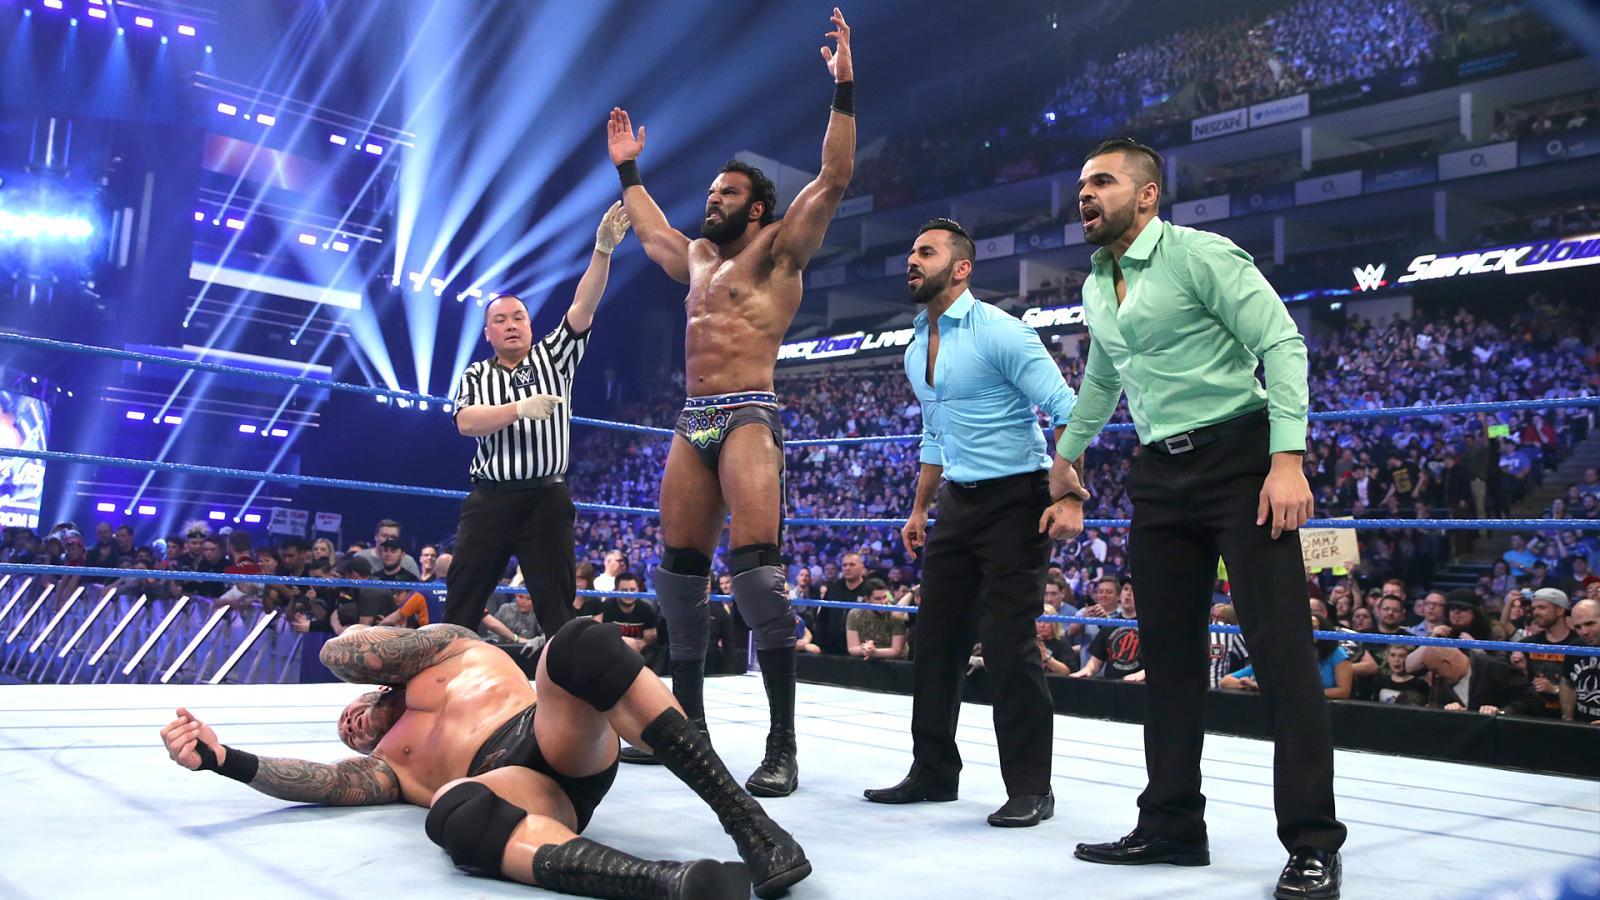 WWE SMACK DOWN रिजल्ट 10 मई 2017, अंत में भारतीय रेसलर पड़ा WWE चैंपियं पर भारी 36